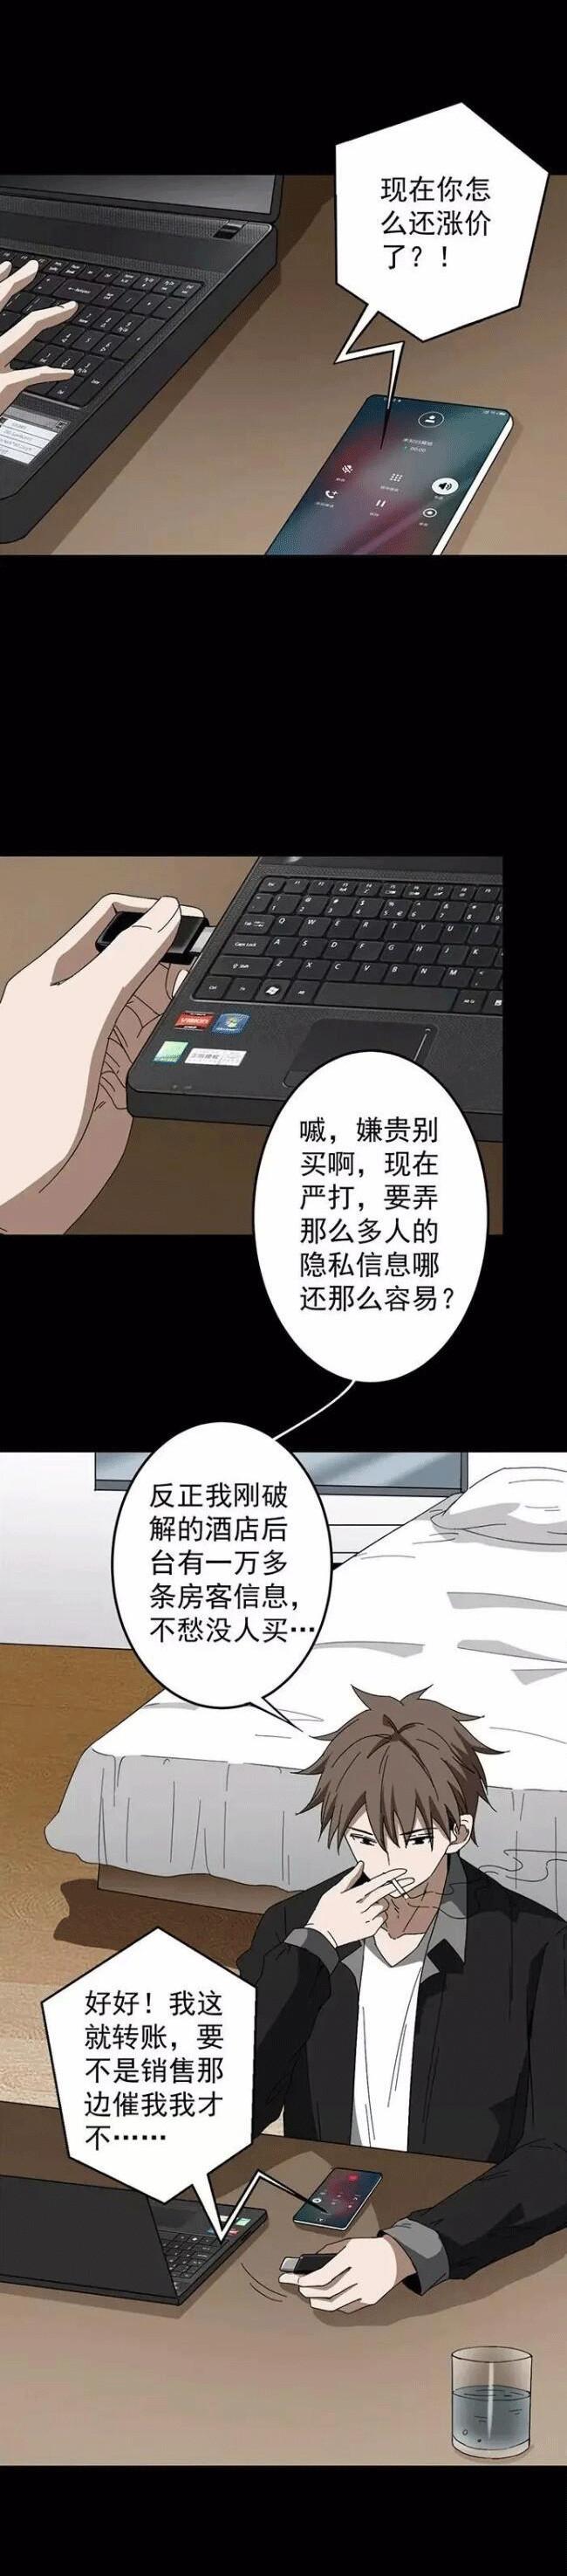 驚悚漫畫: 《酒店有鬼》黑客在酒店被鬼嚇到, 然後自己就被警察抓走瞭-圖2